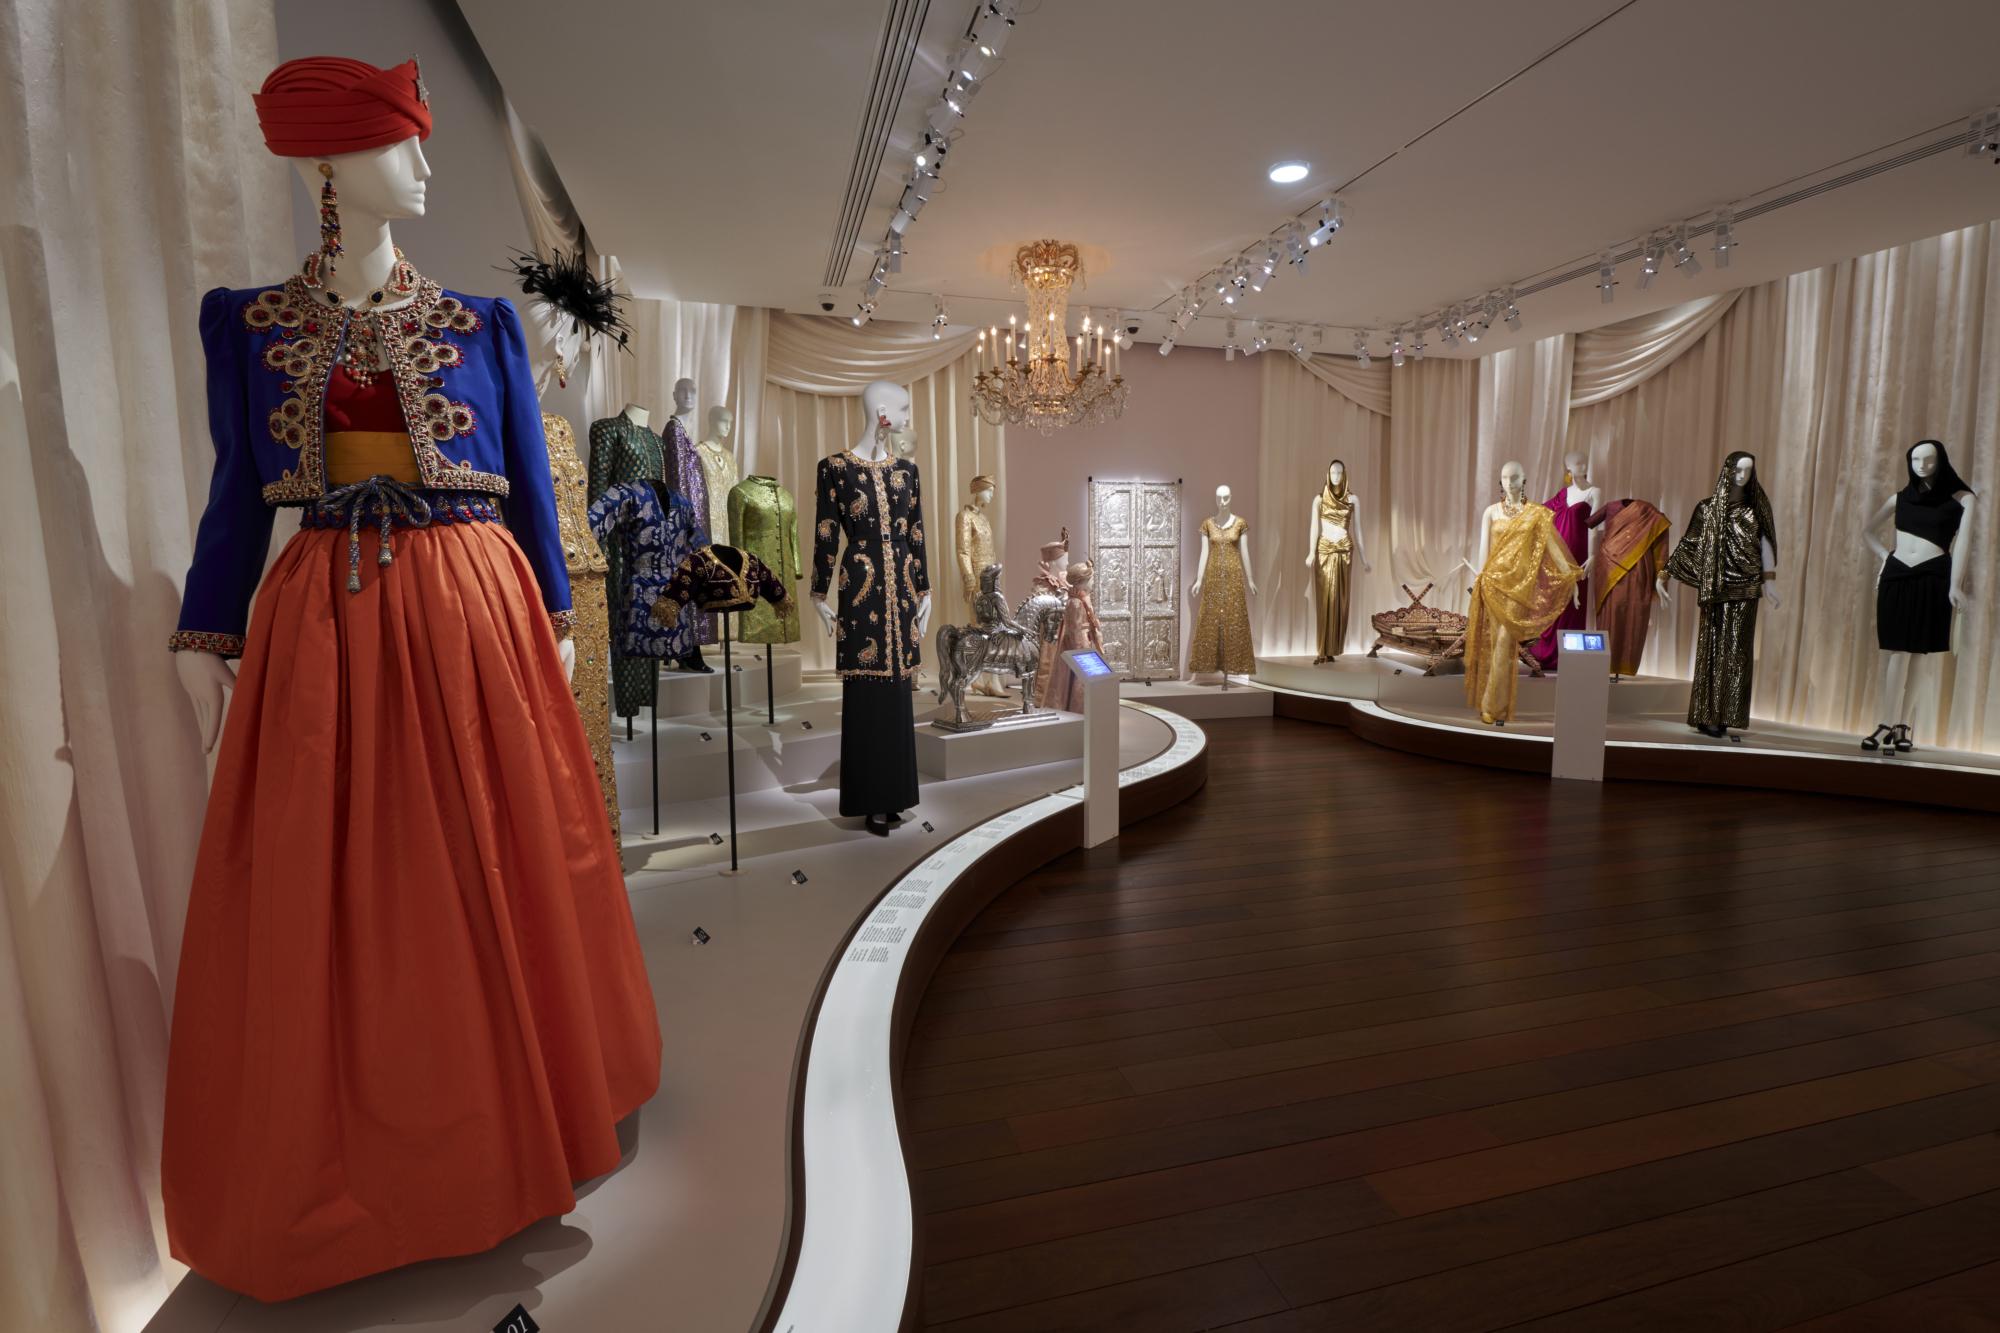 668240d41af Yves Saint Laurent: Dreams of the Orient - Musée Yves Saint Laurent ...